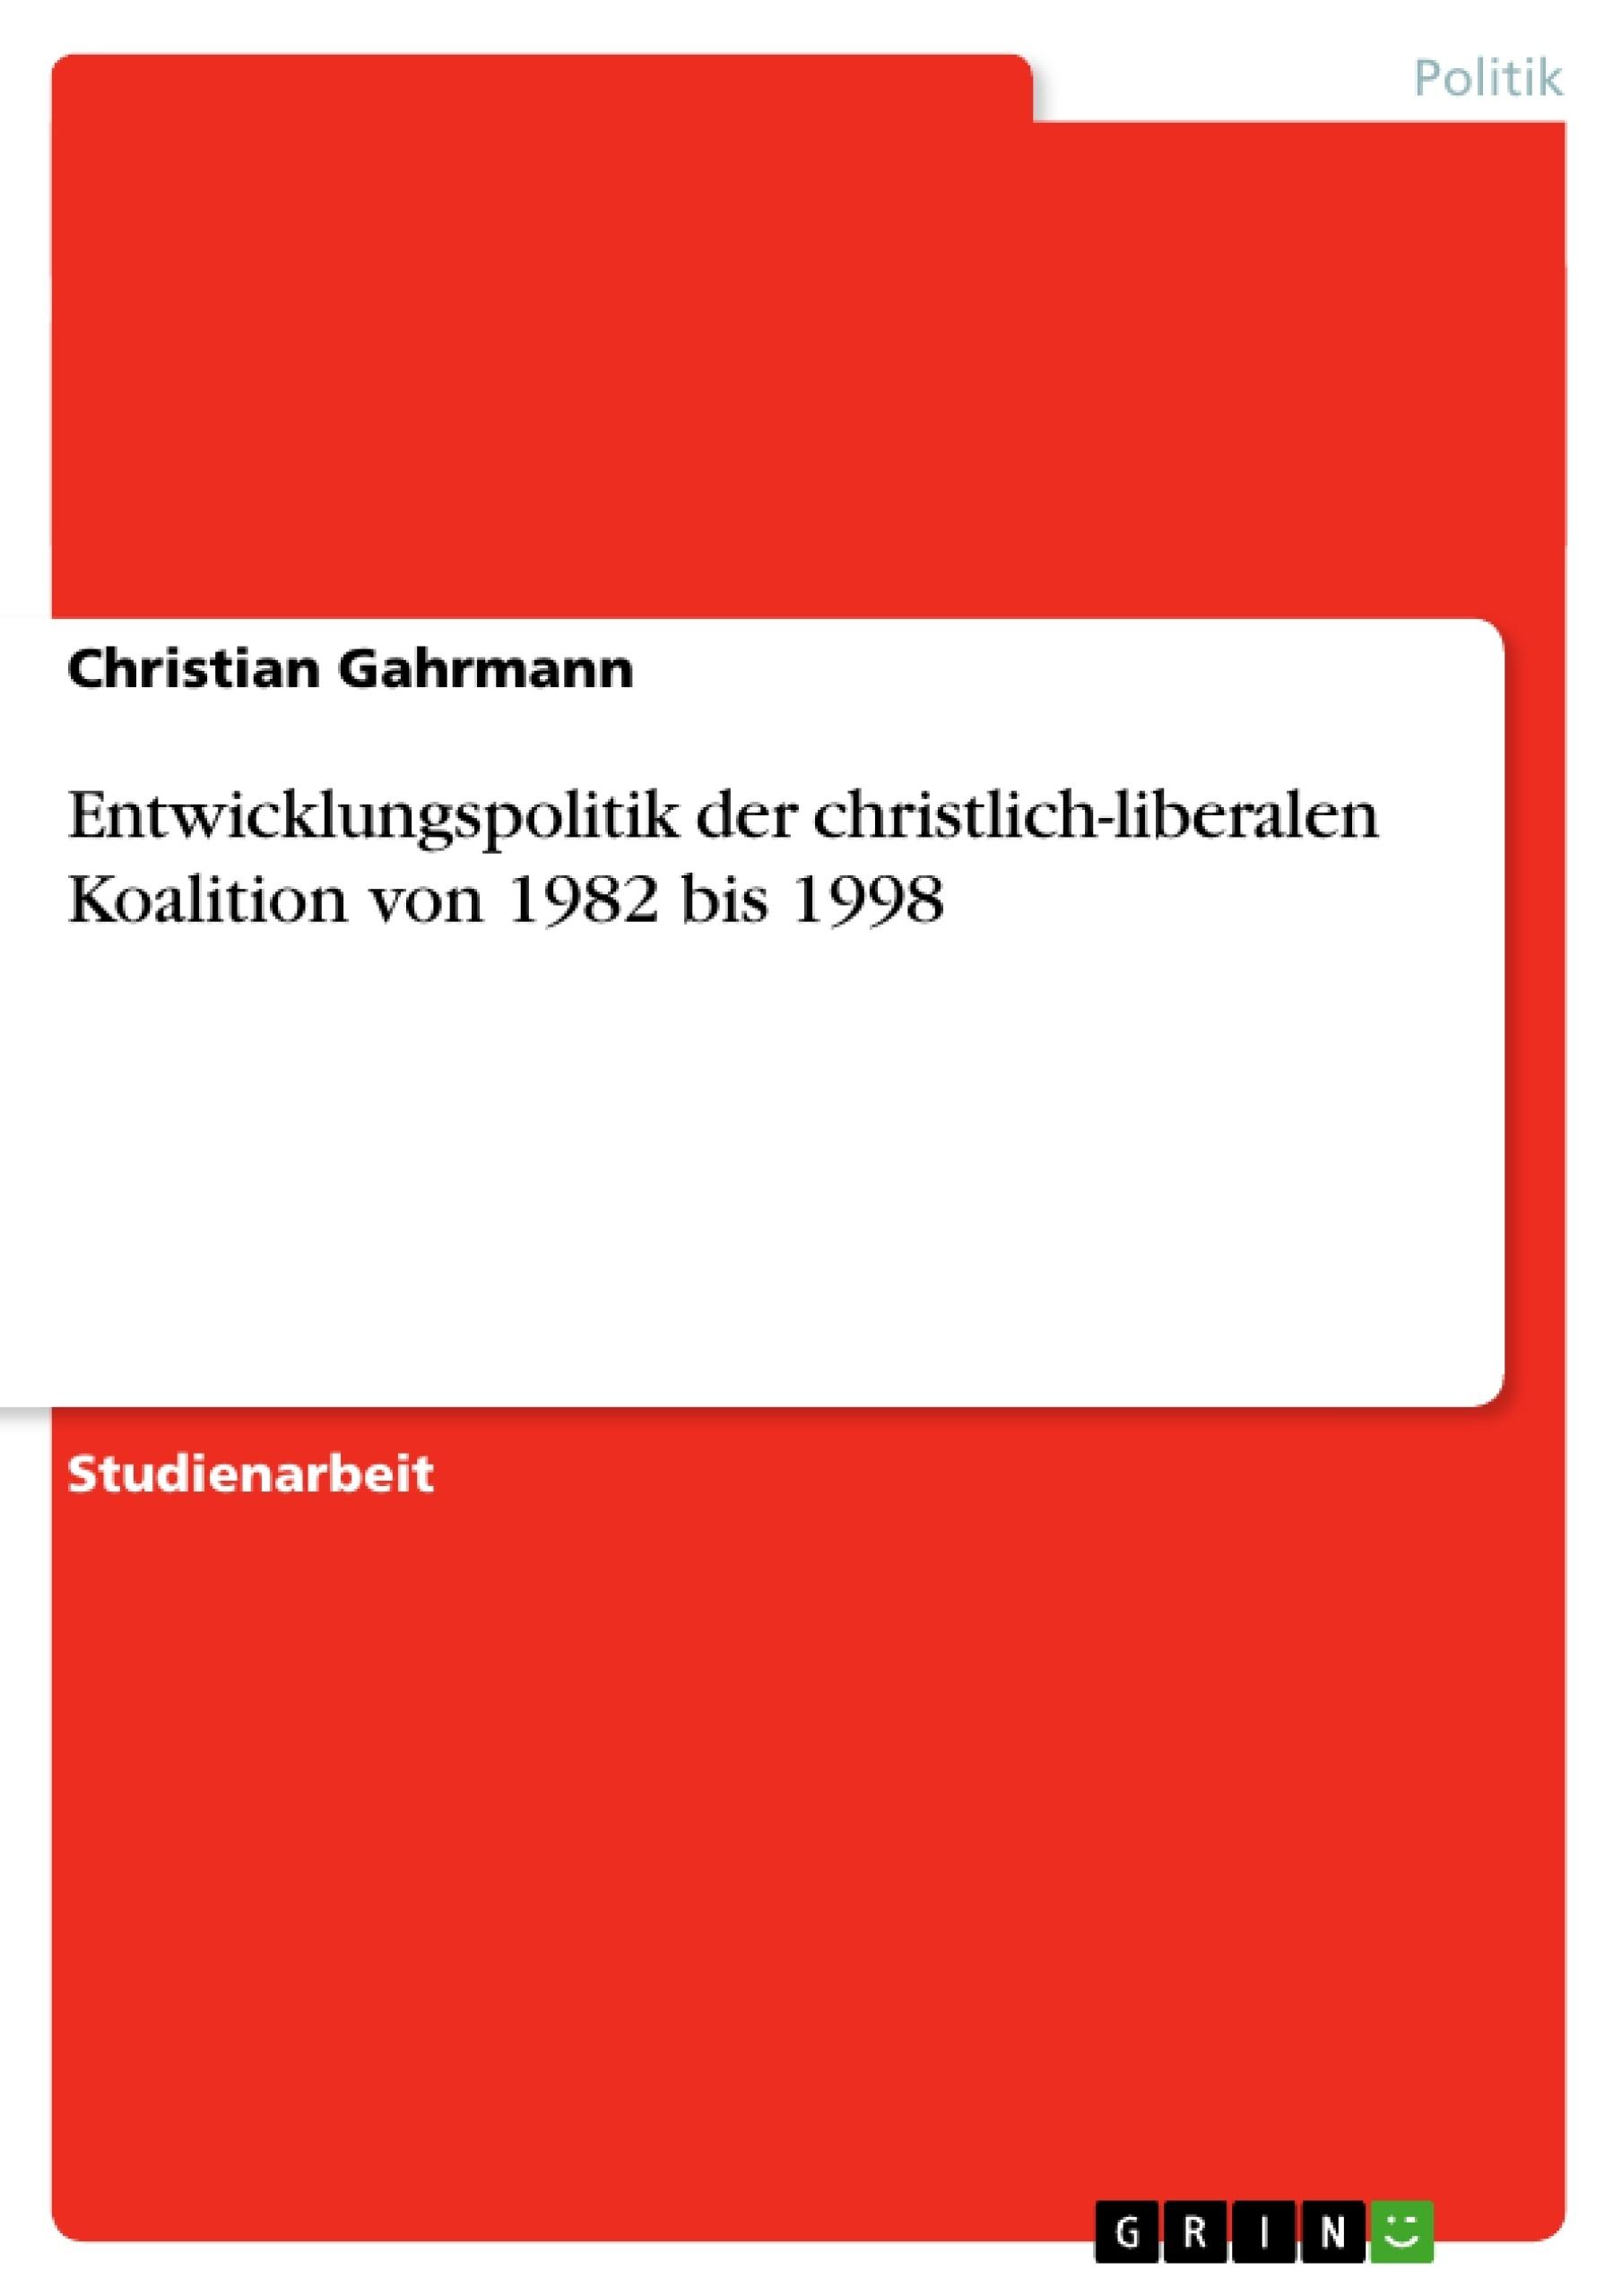 Titel: Entwicklungspolitik der christlich-liberalen Koalition von 1982 bis 1998